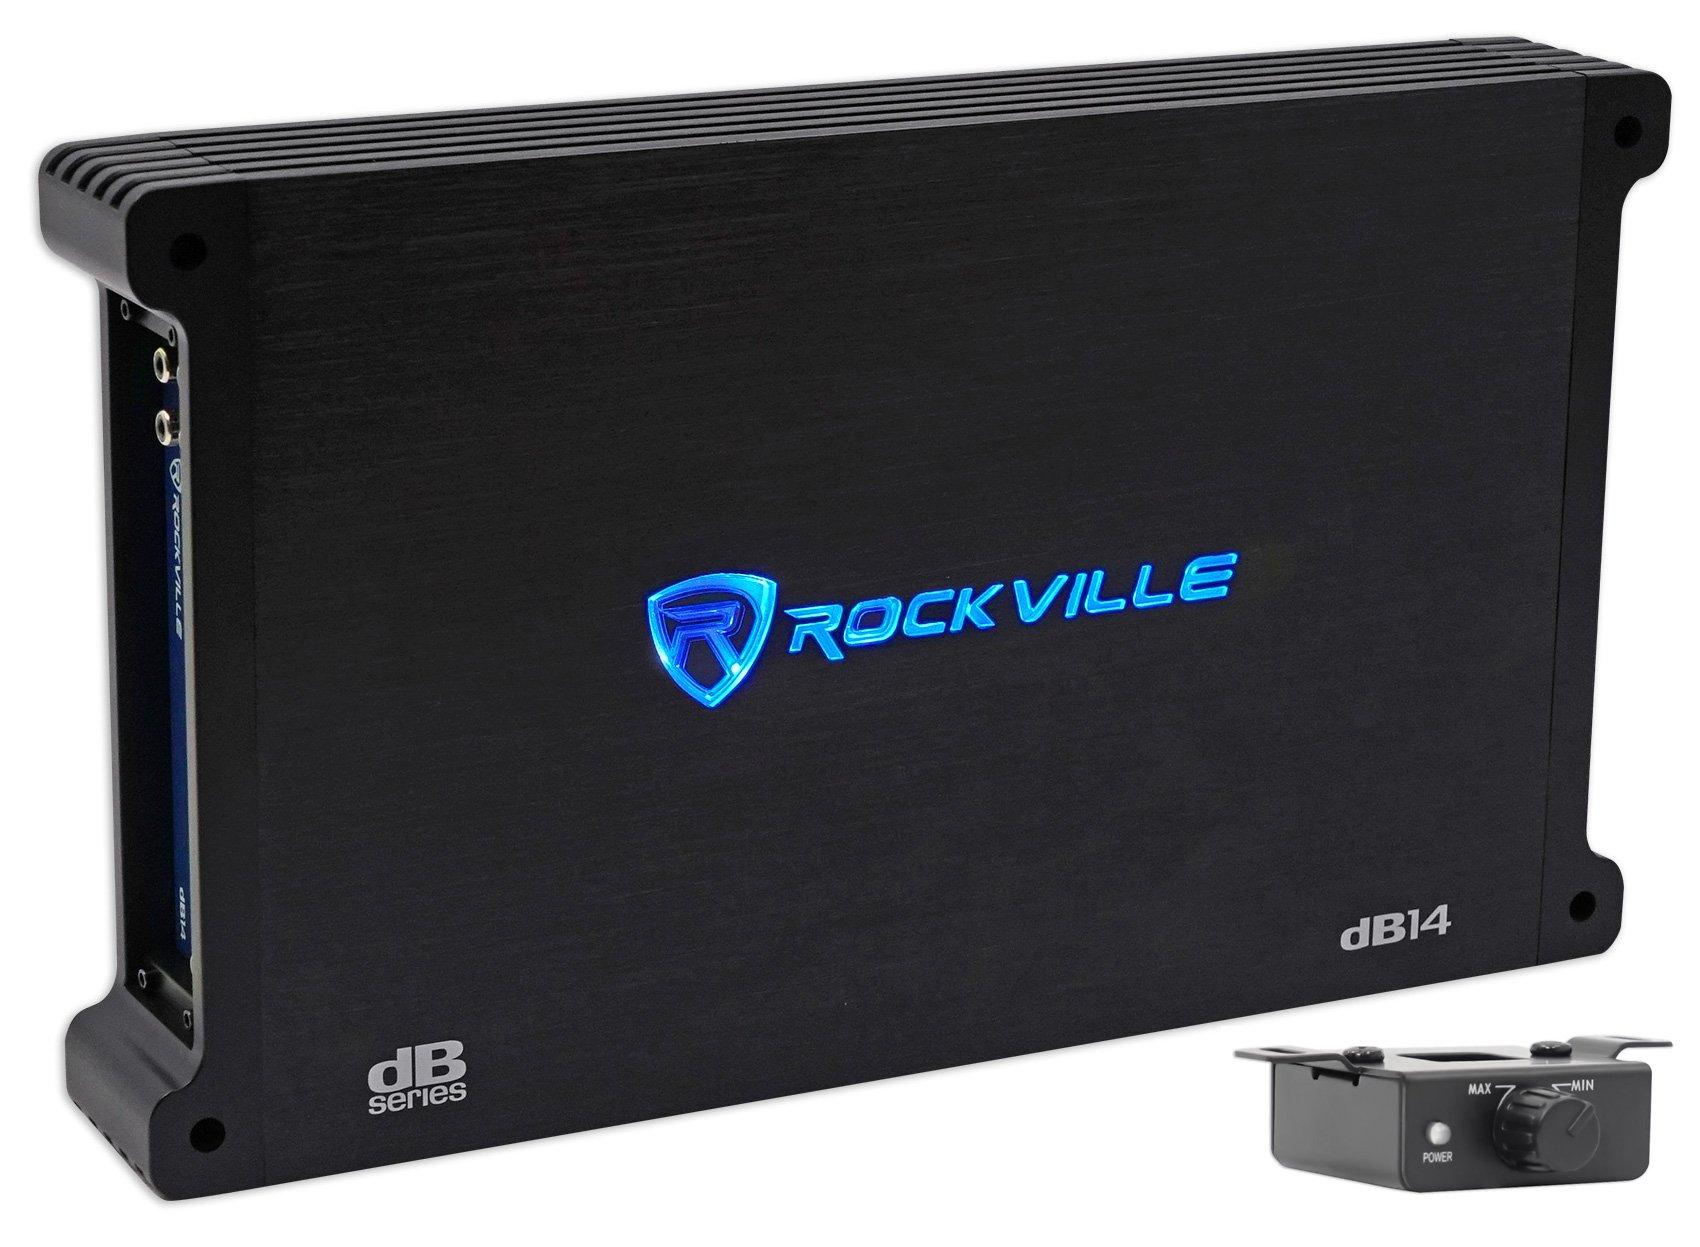 Rockville 4000 Watt/1000w RMS Mono Class D 2 Ohm Amplifier Car Audio Amp (dB14) by Rockville